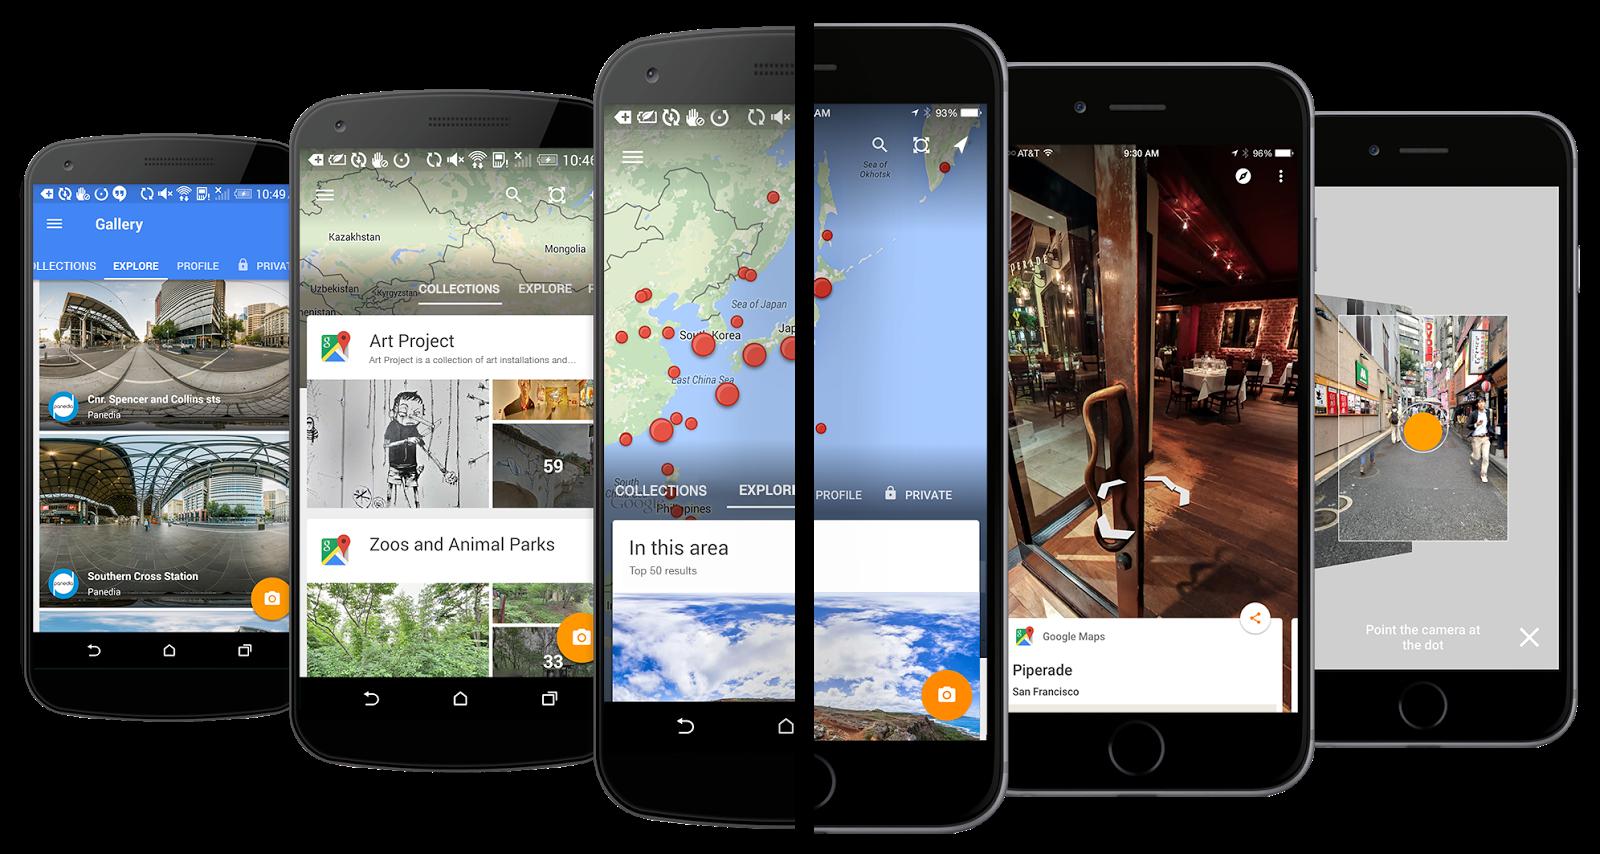 قوقل تحدث تطبيقها Street View ليدعم أجهزة كيت كات وتعزيز الصور البانورامية